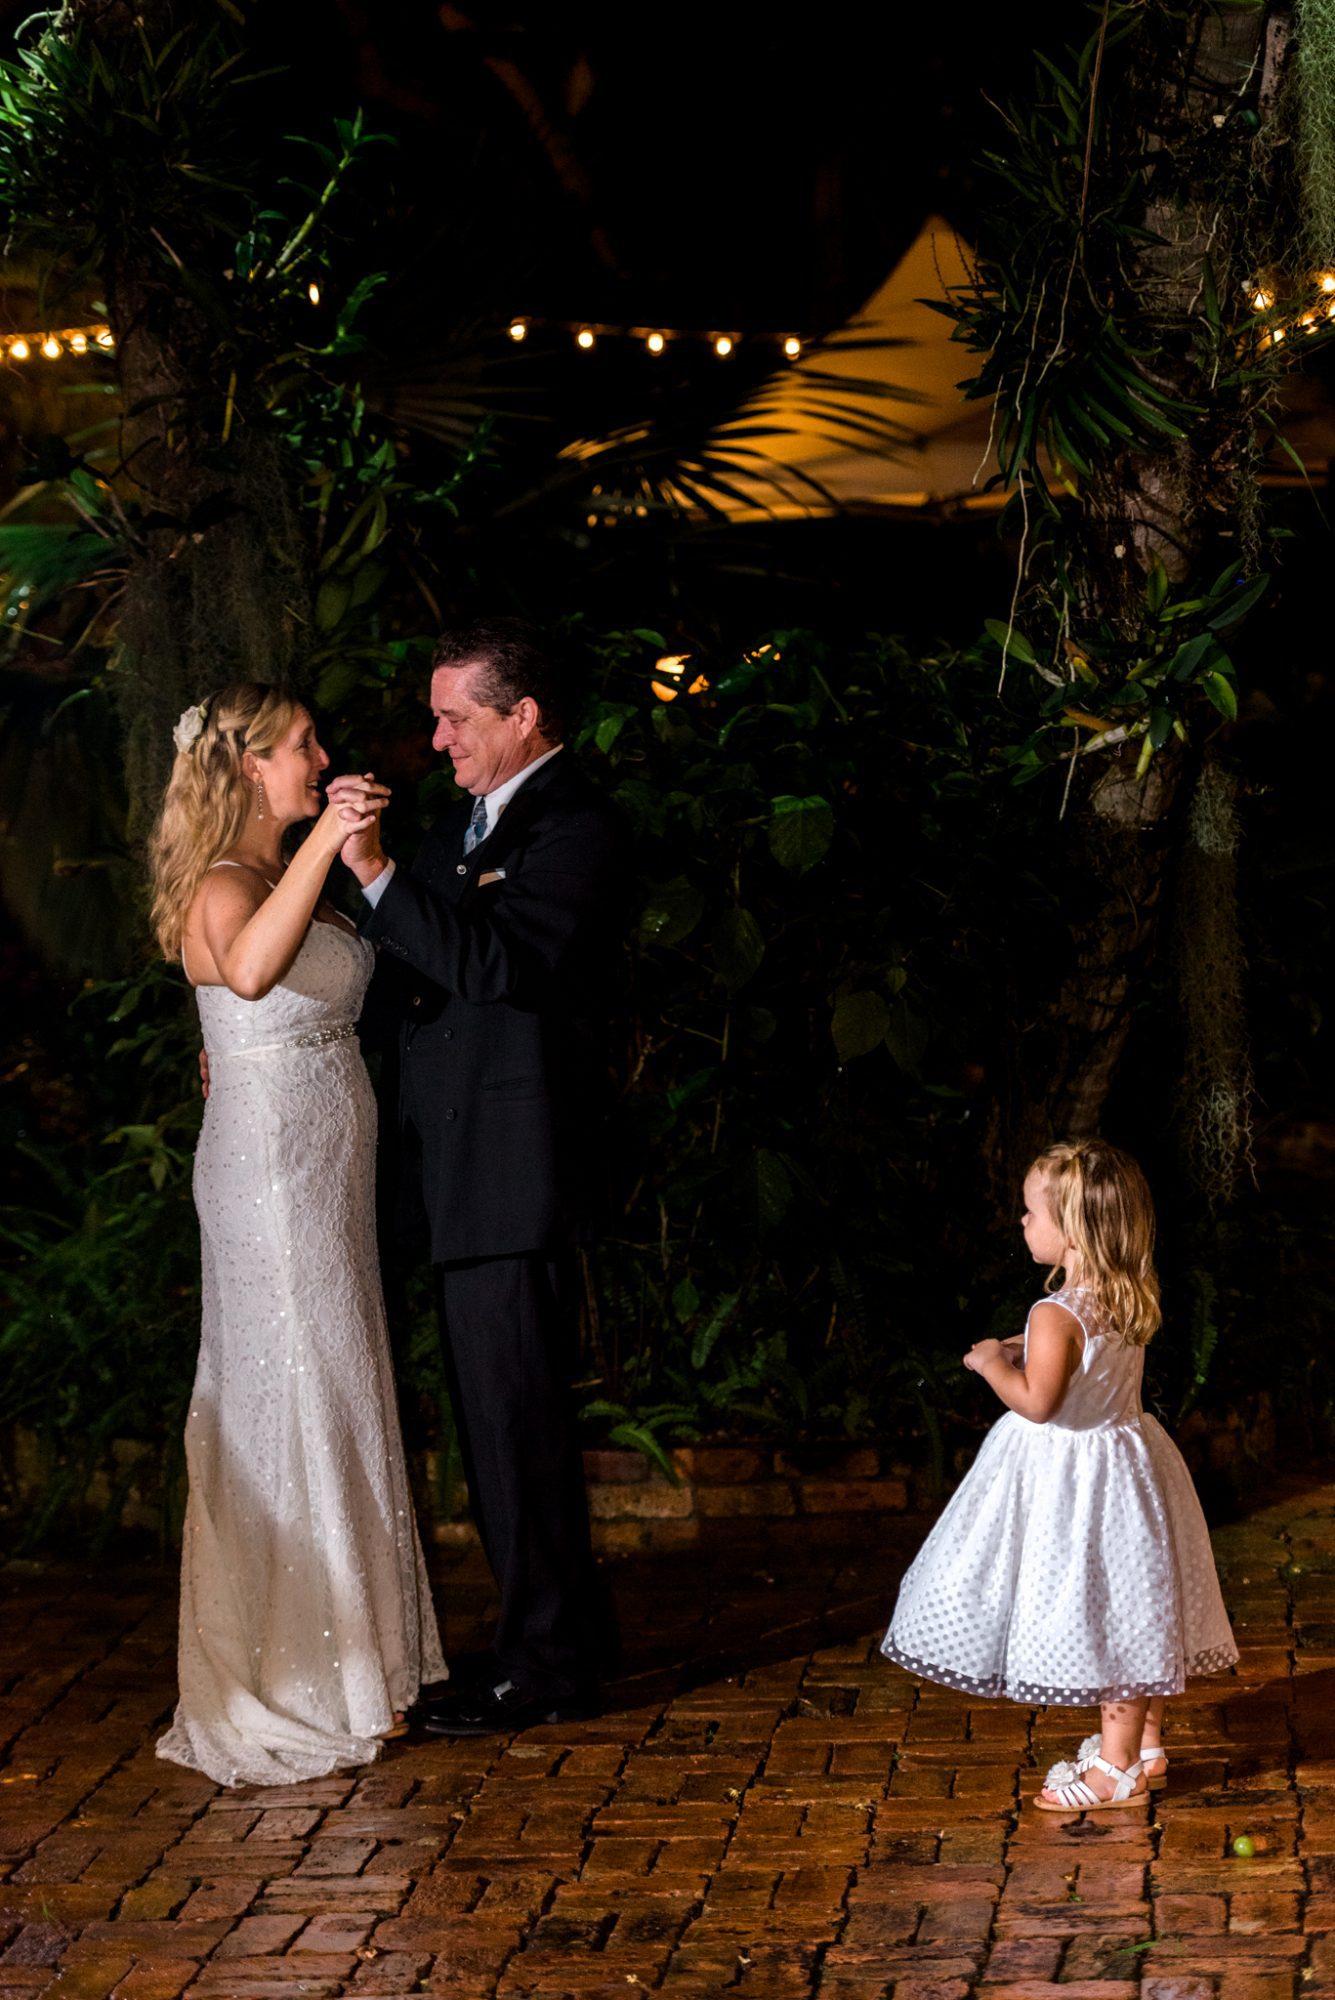 Colleen Jonathan Audubon House Wedding Key West 63 - Colleen & Jonathon | Audubon House and Gardens | Key West Wedding